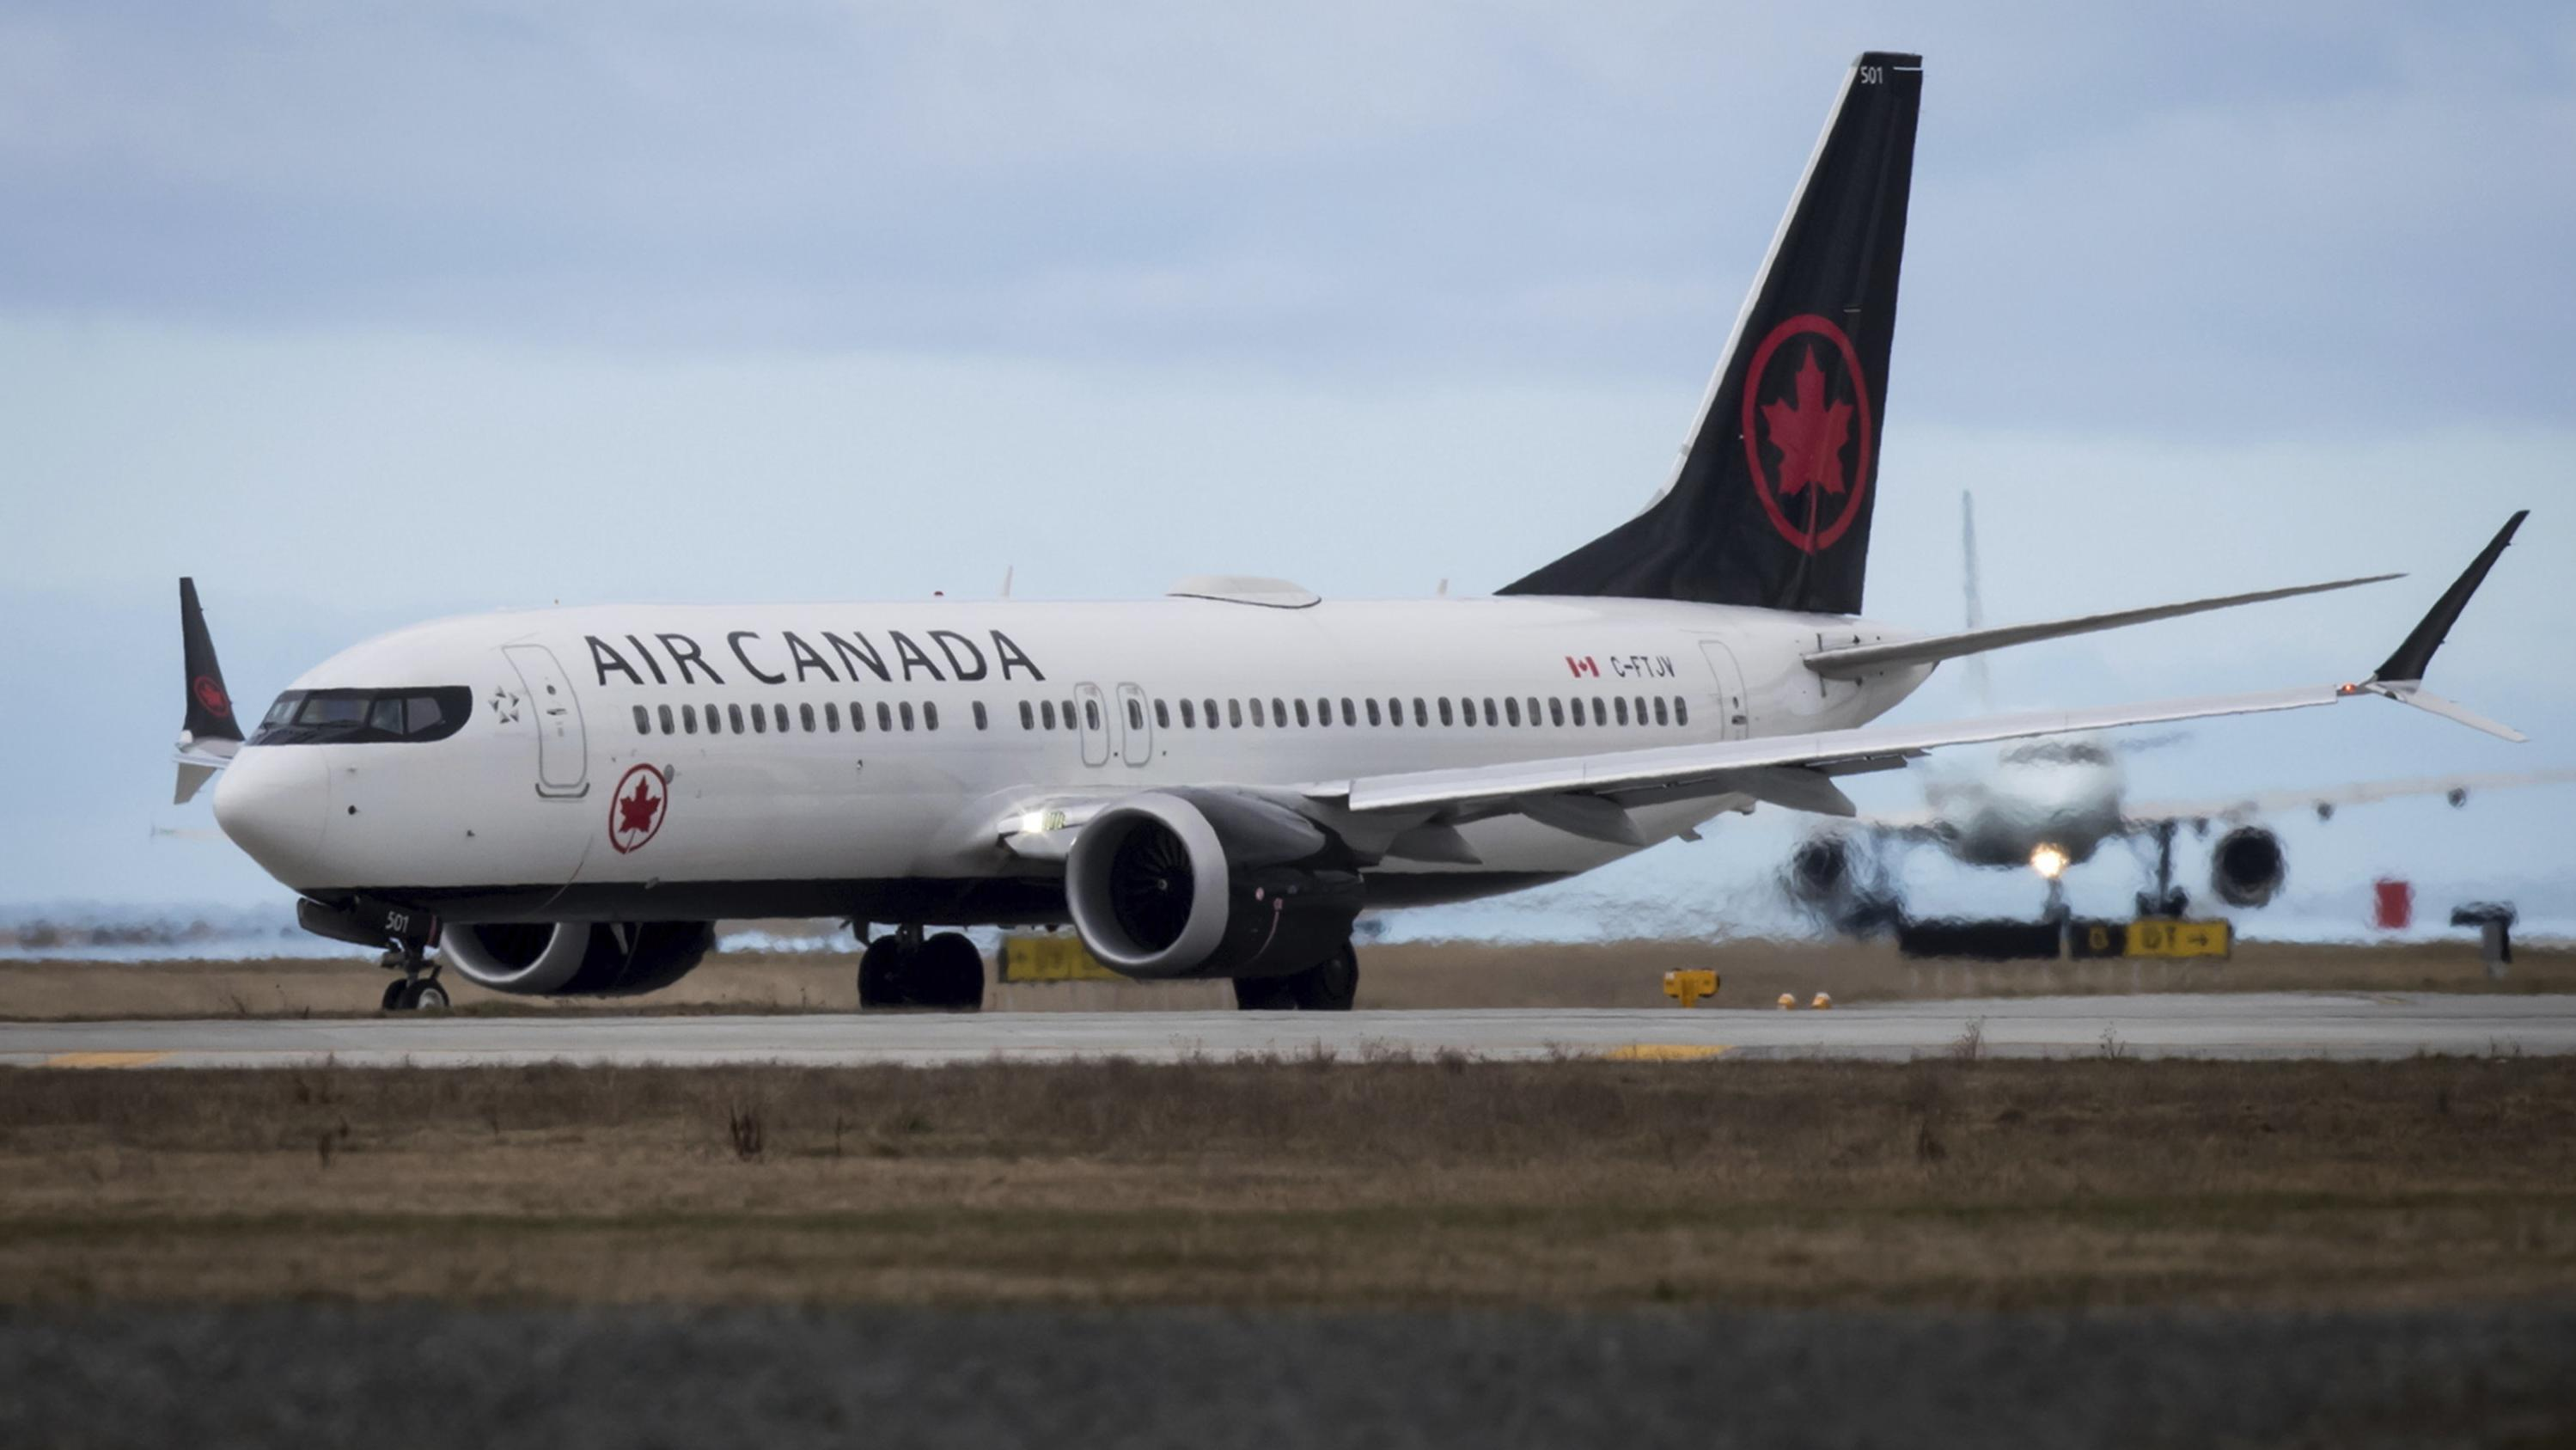 Flugzeug vom Typ Boeing 737 Max 8 der Fluggesellschaft Air Canada